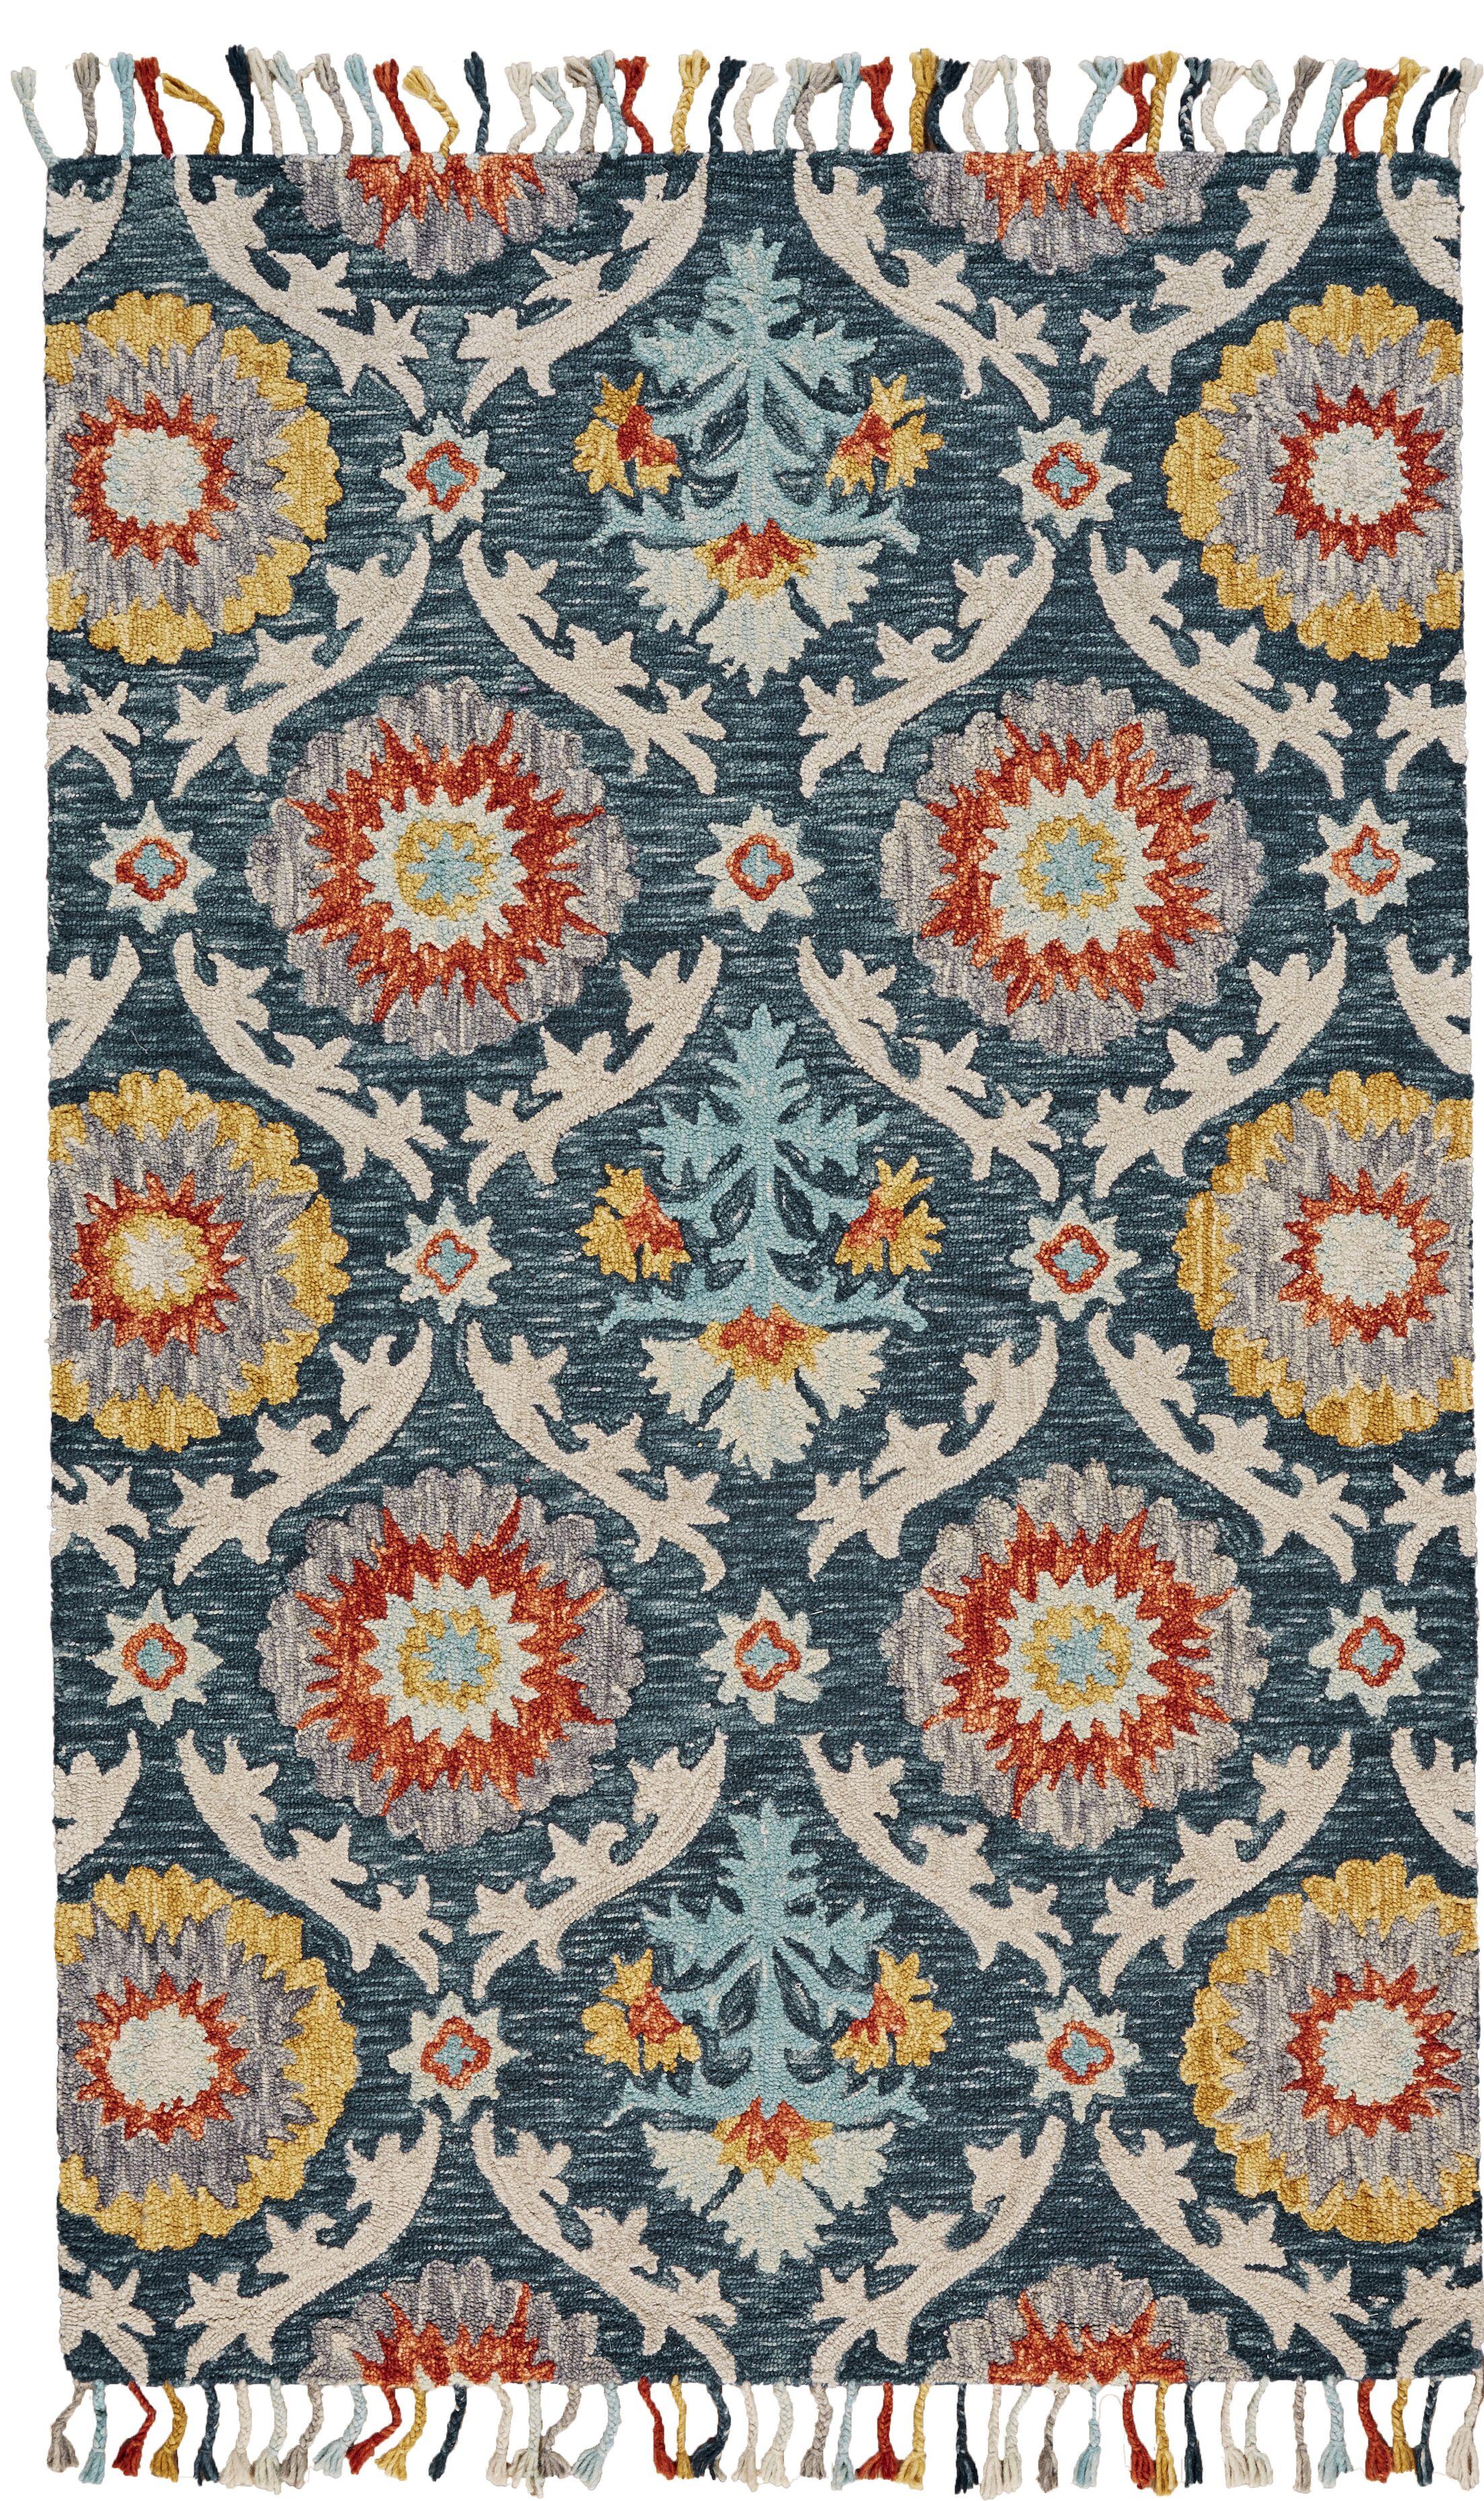 Fleurette Hand-Tufted Blue Ocean Area Rug Rug Size: Rectangle 3'6